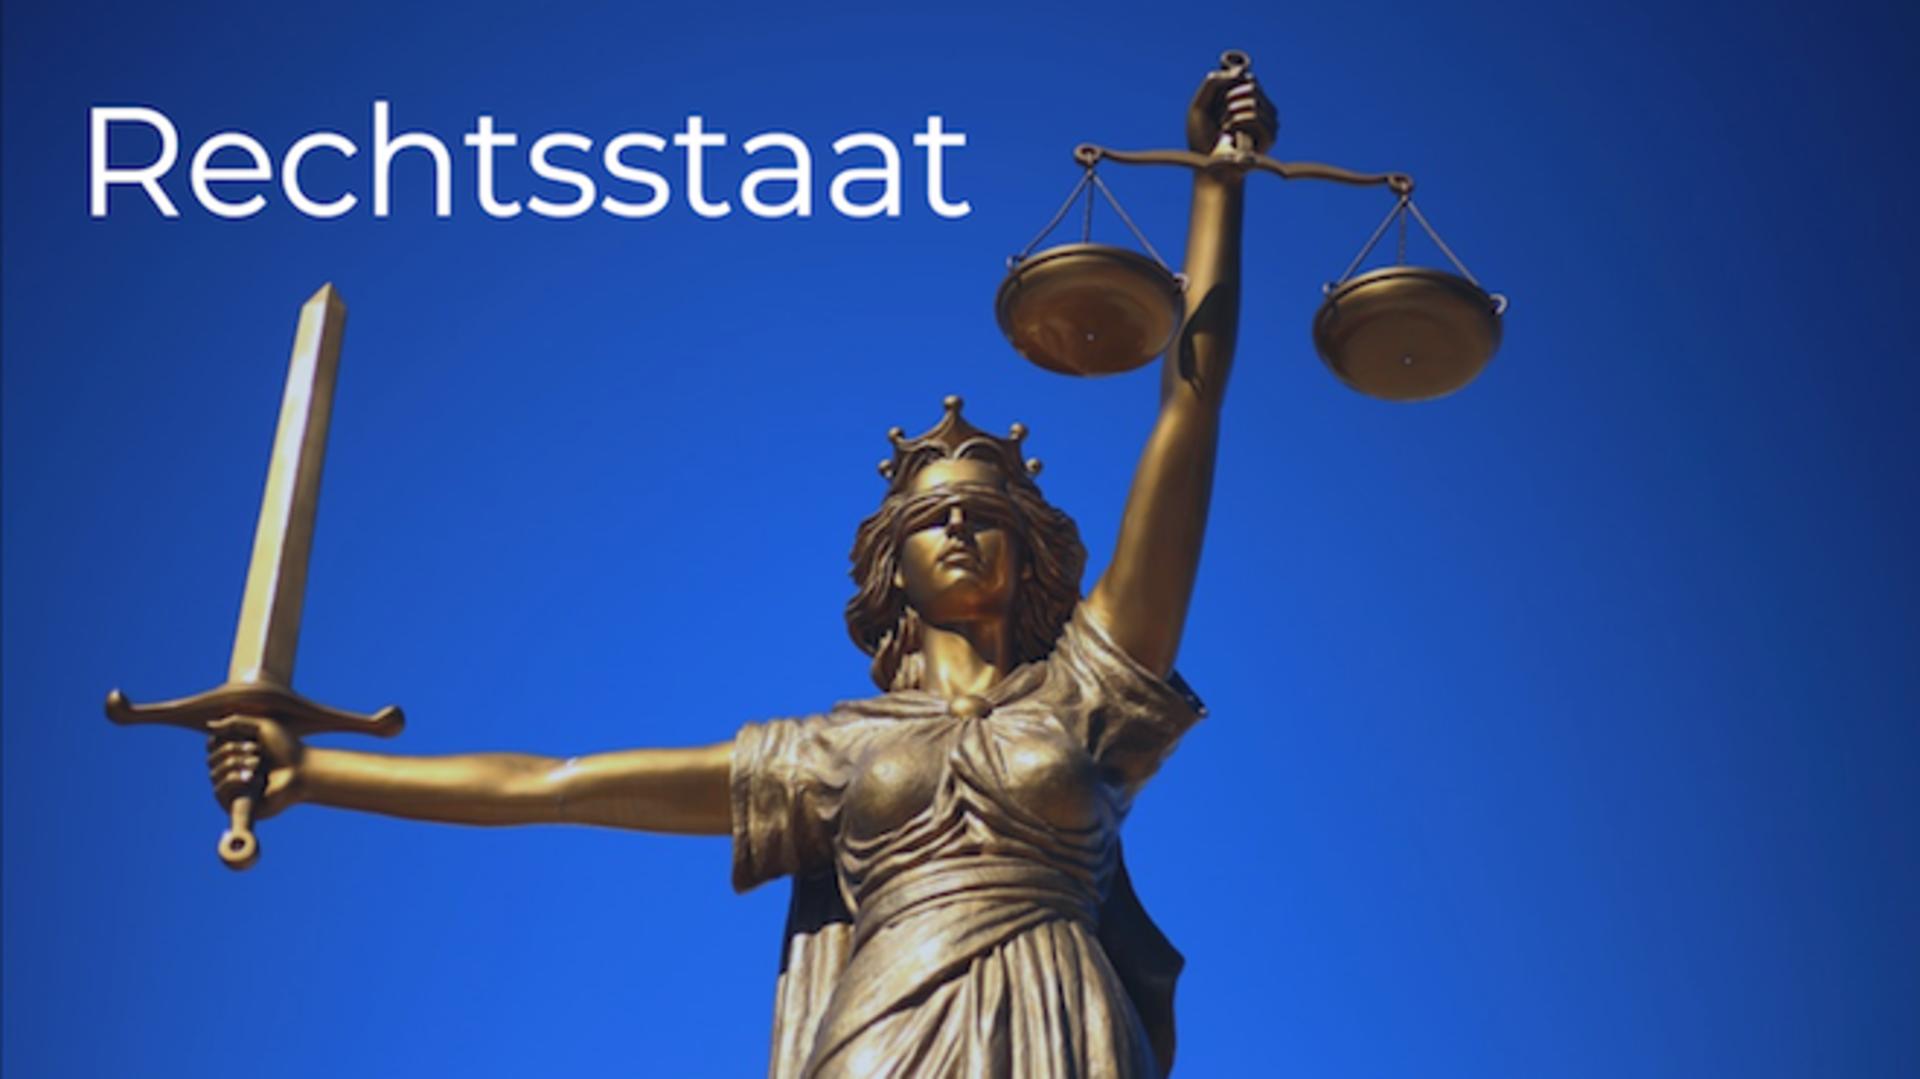 Les rechtsstaat